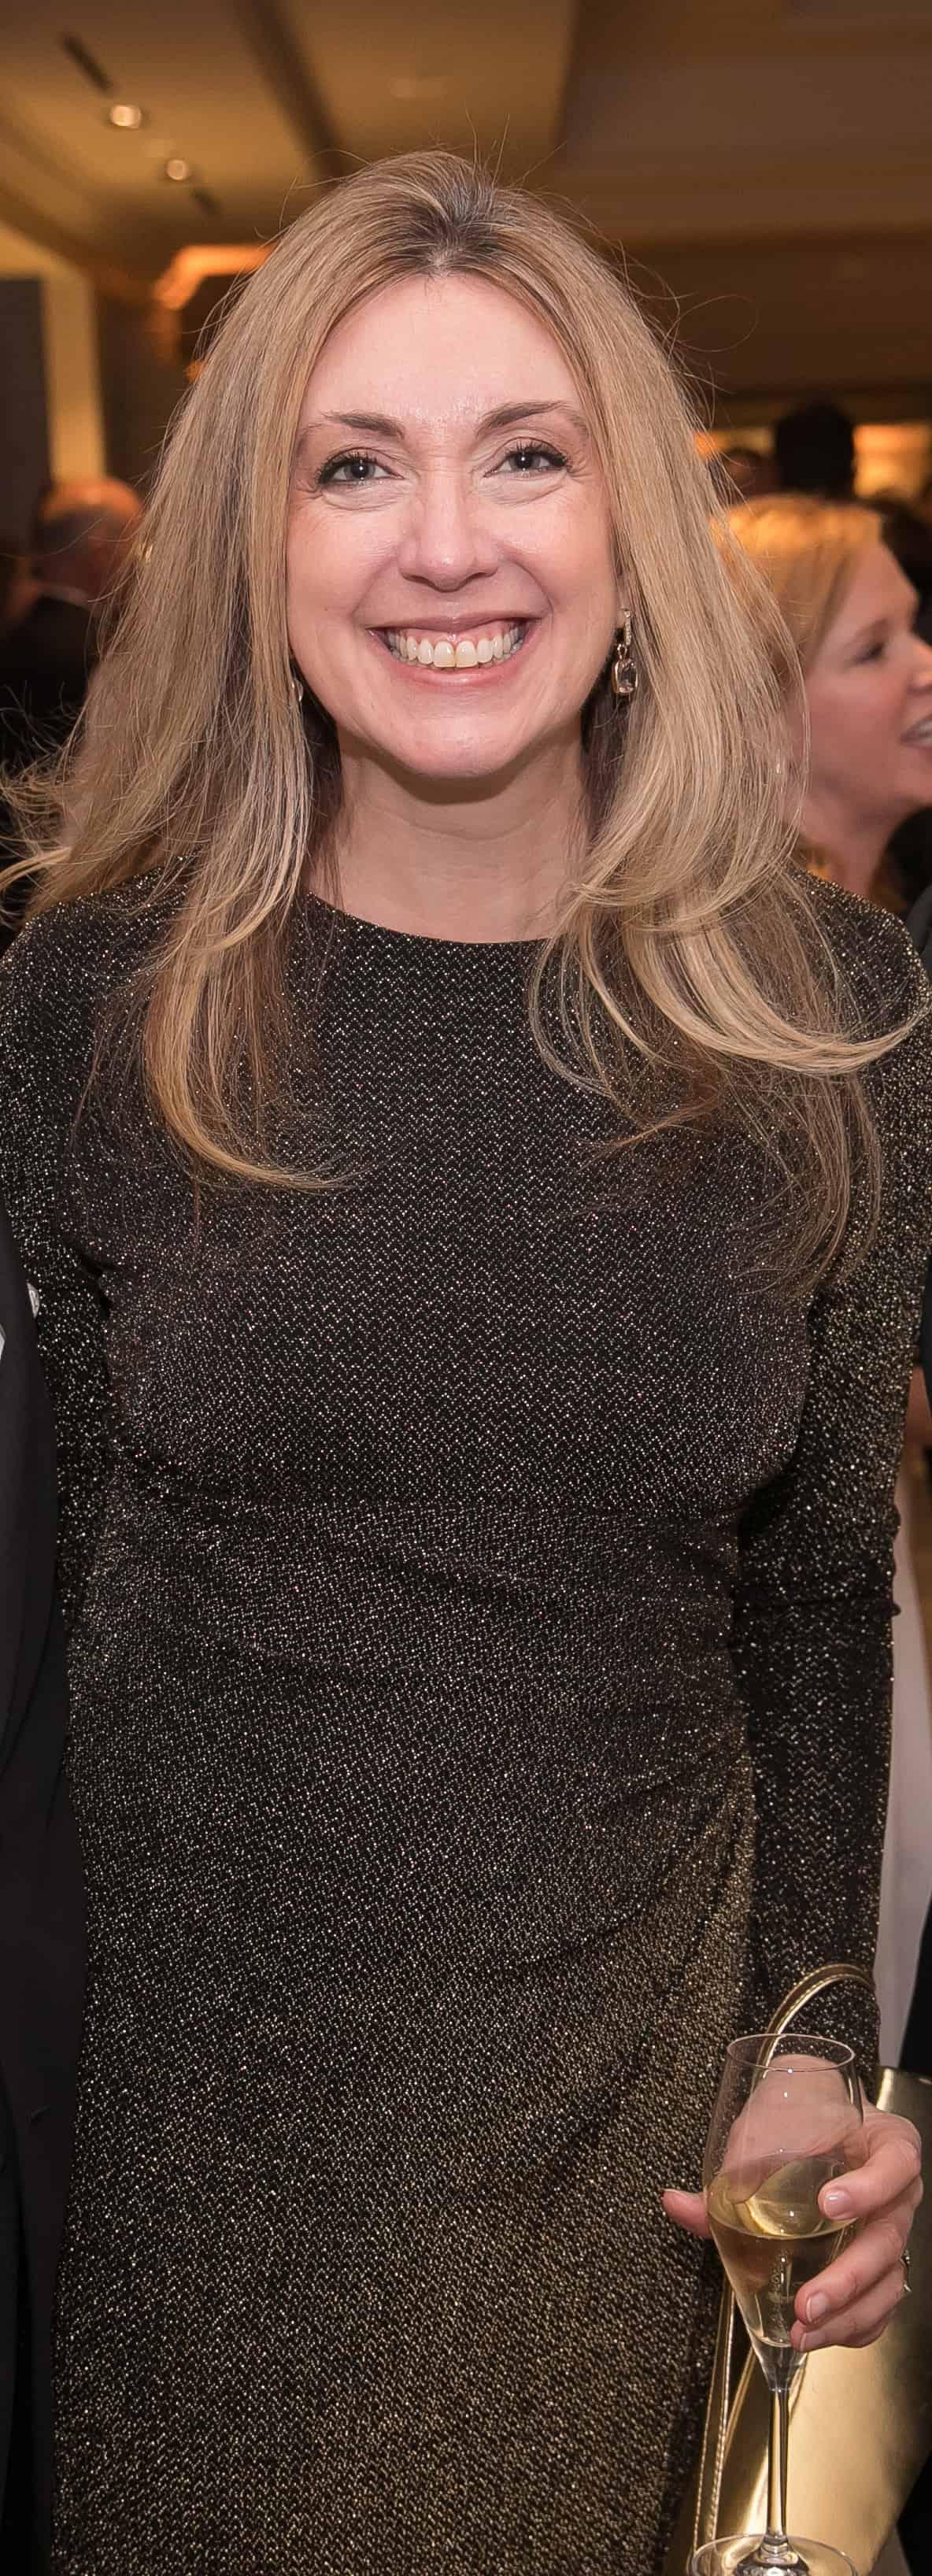 Terry Quinn